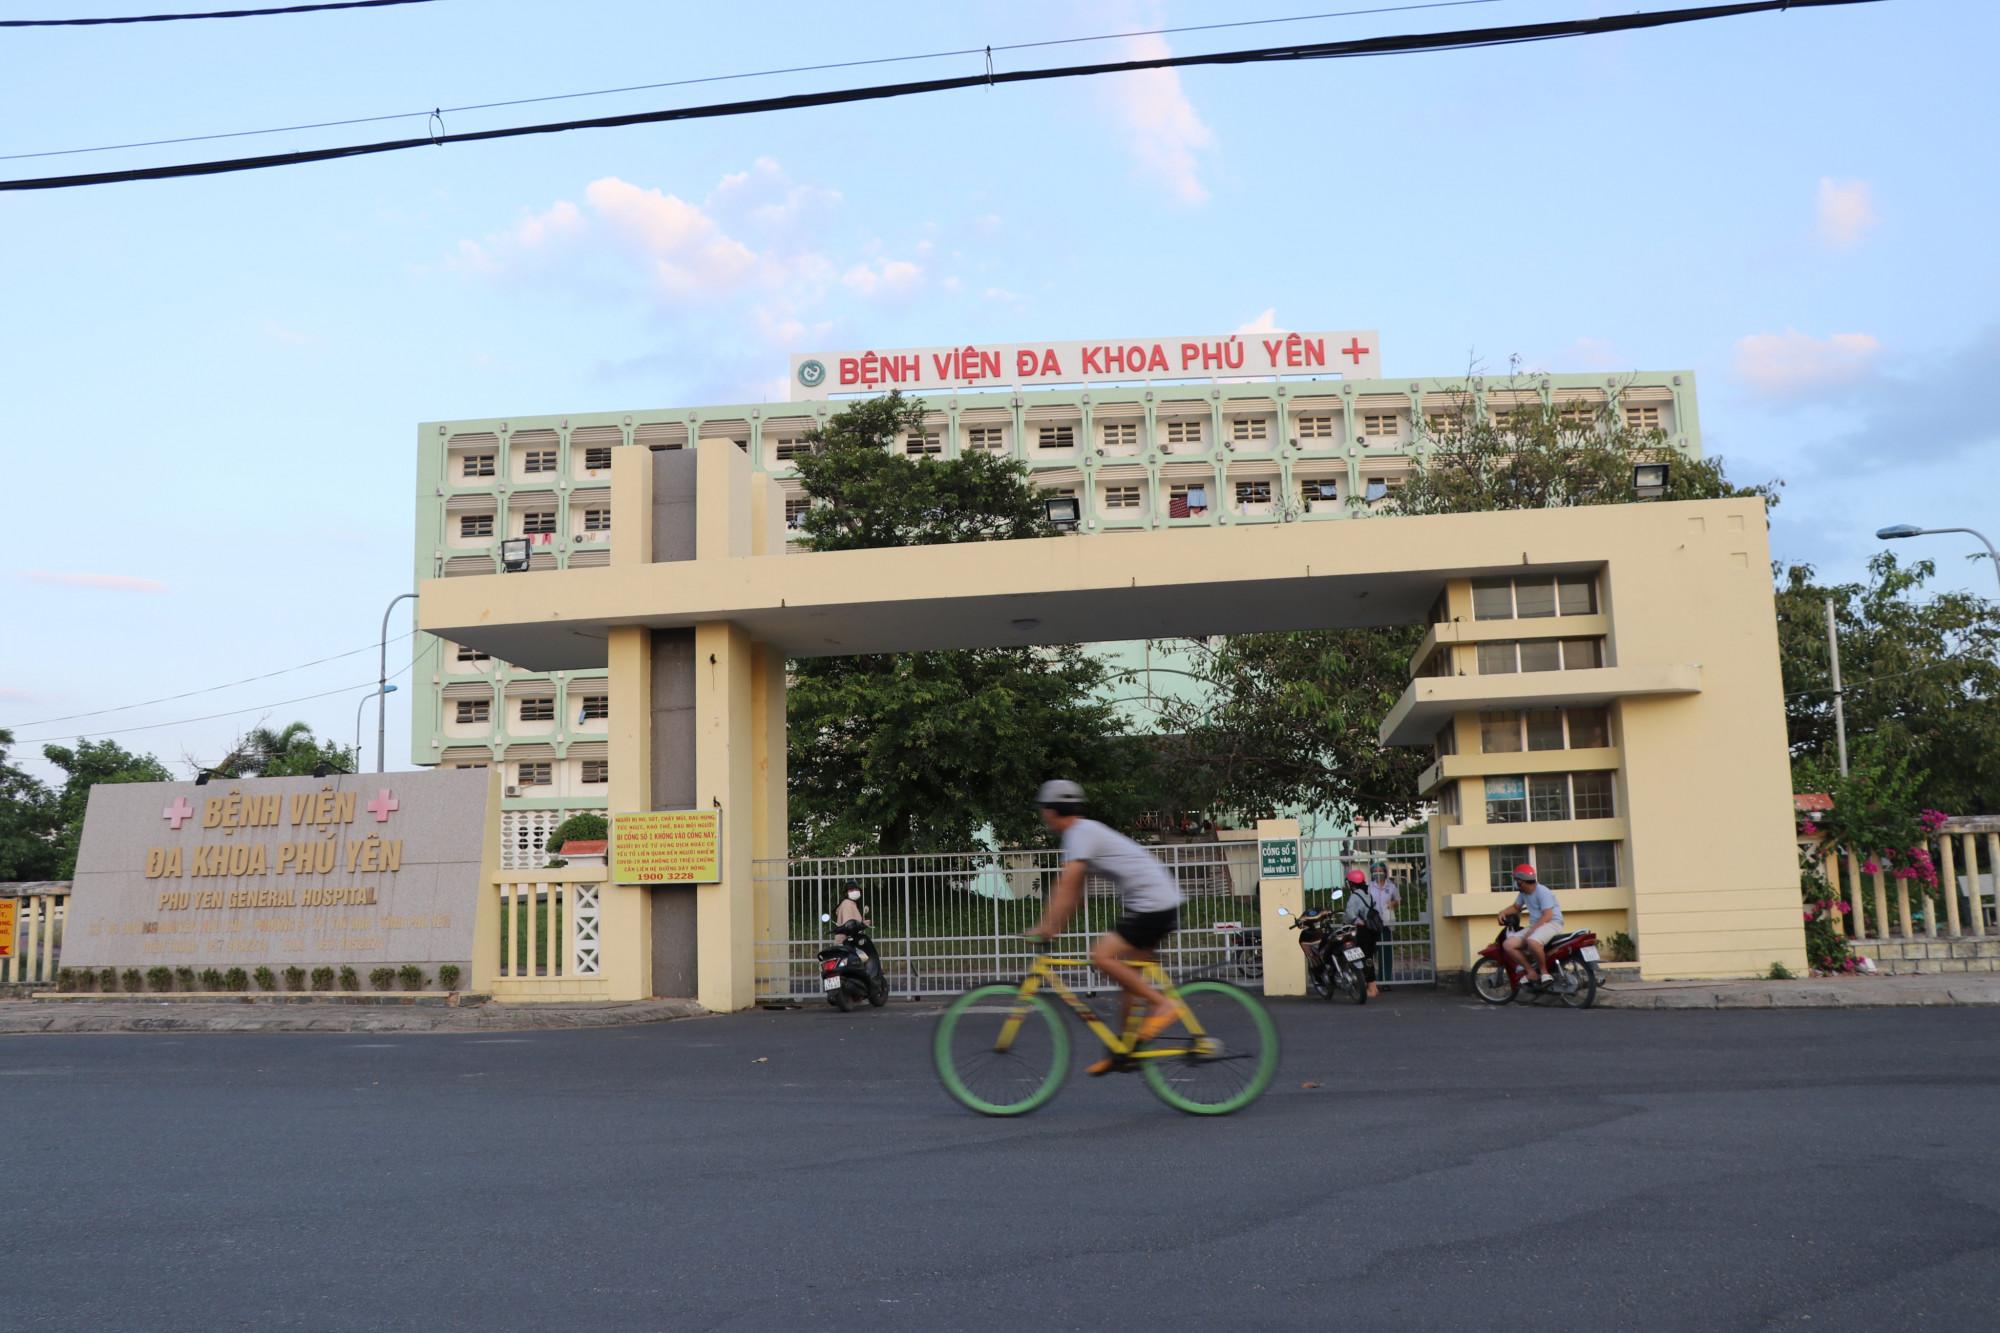 Bệnh viện Đa khoa Phú Yên, nơi điều trị bệnh nhân mắc COVID-19